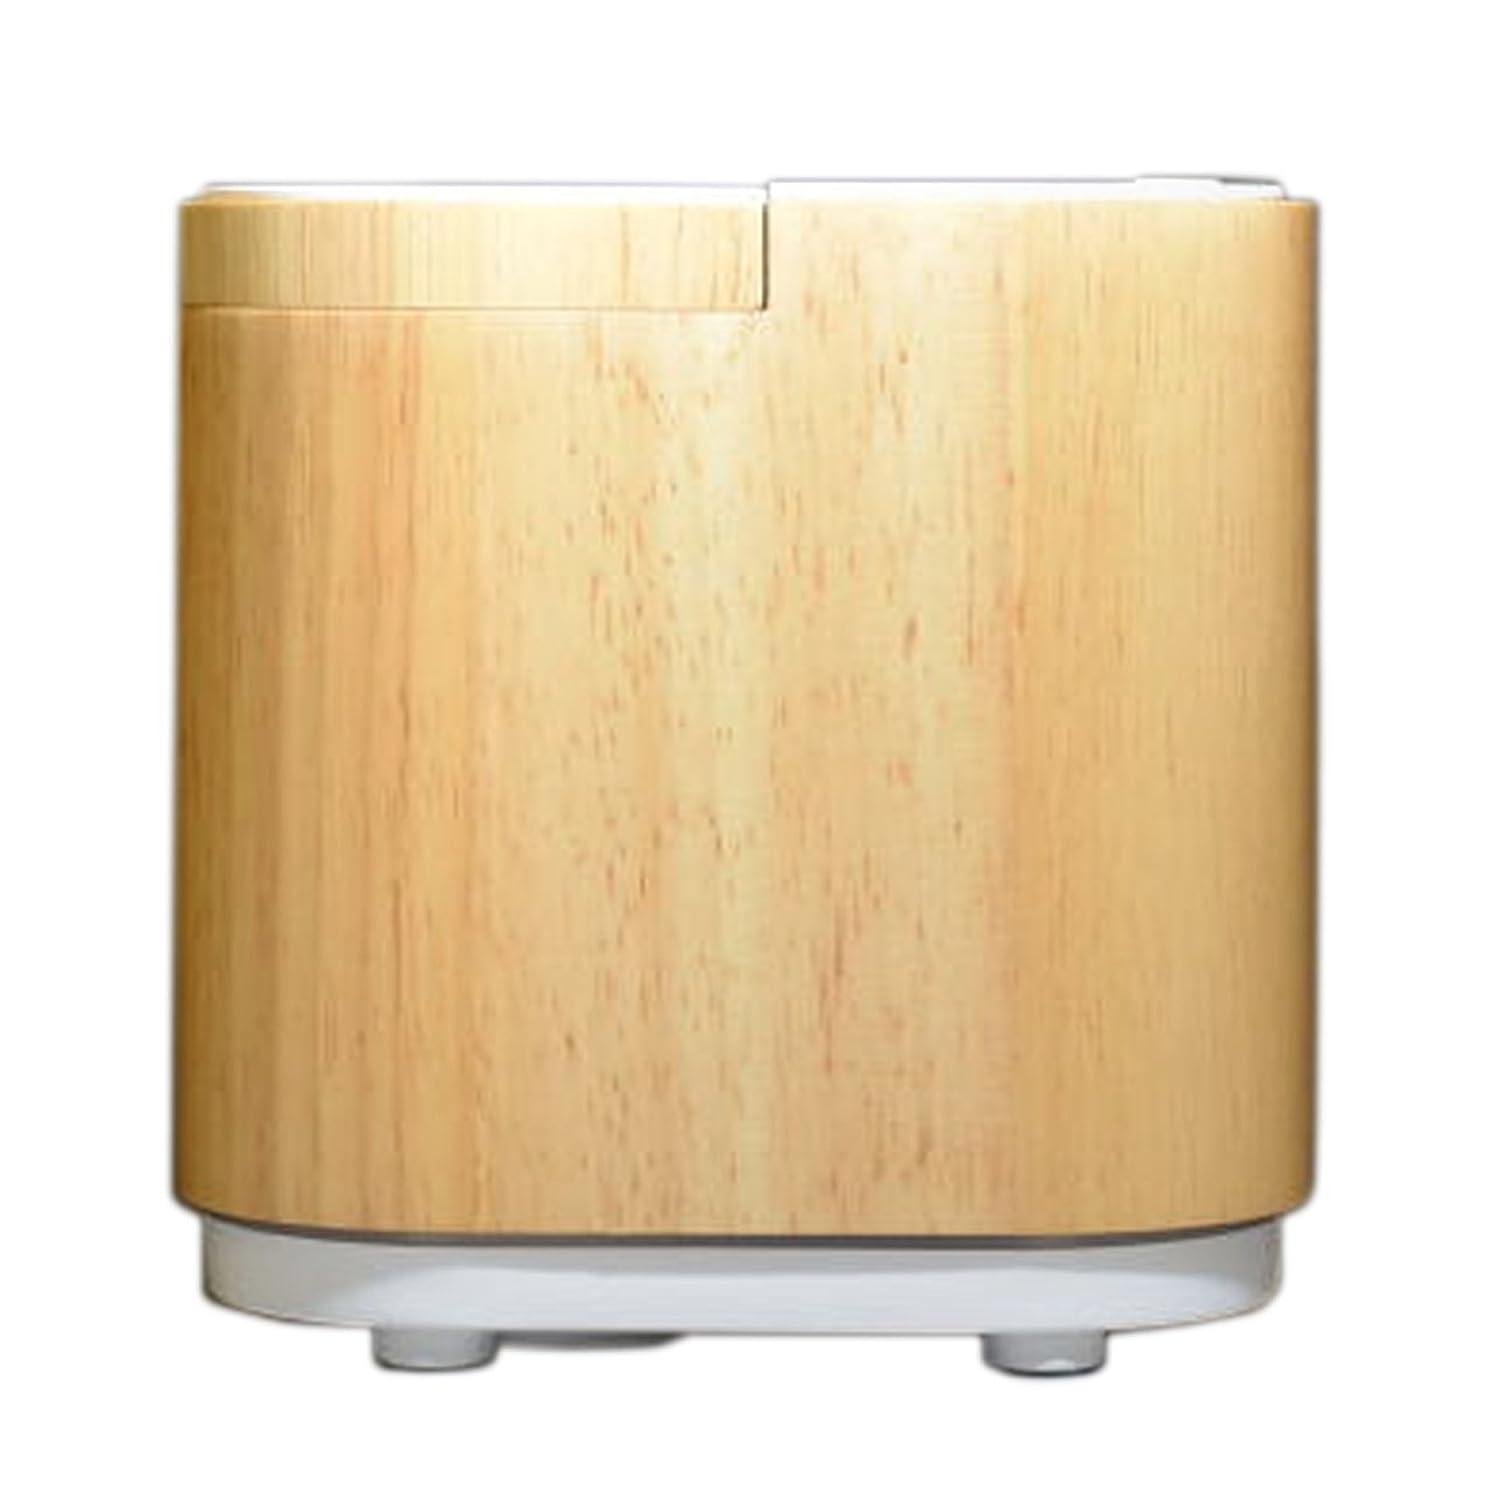 徹底的に提案意義生活の木 アロモアウッド [aromore] エッセンシャルオイルディフューザー アロマディフューザー